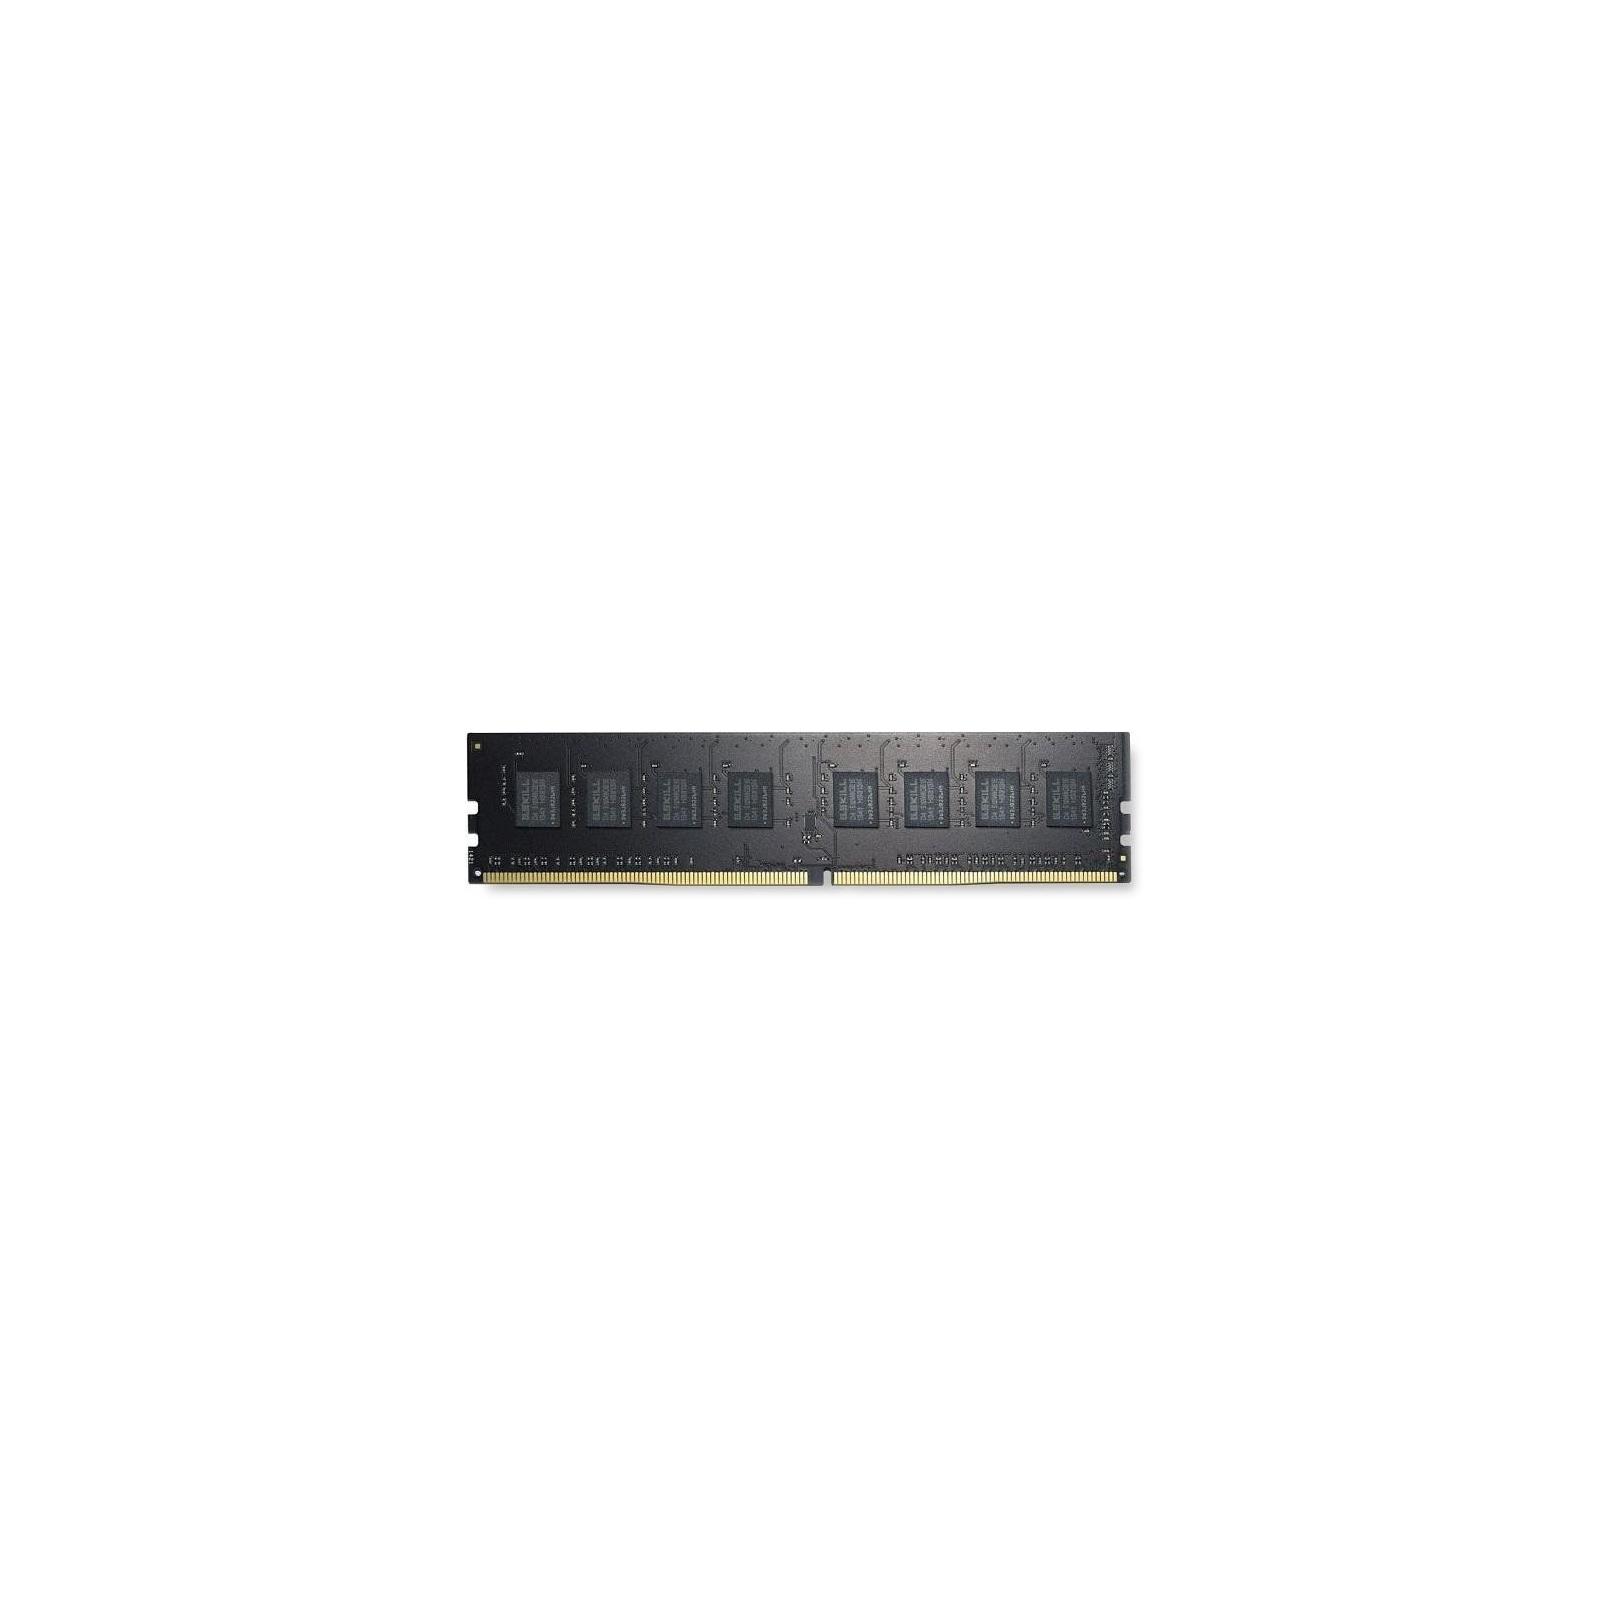 Модуль памяти для компьютера DDR4 4GB 2400 MHz G.Skill (F4-2400C15S-4GNT)